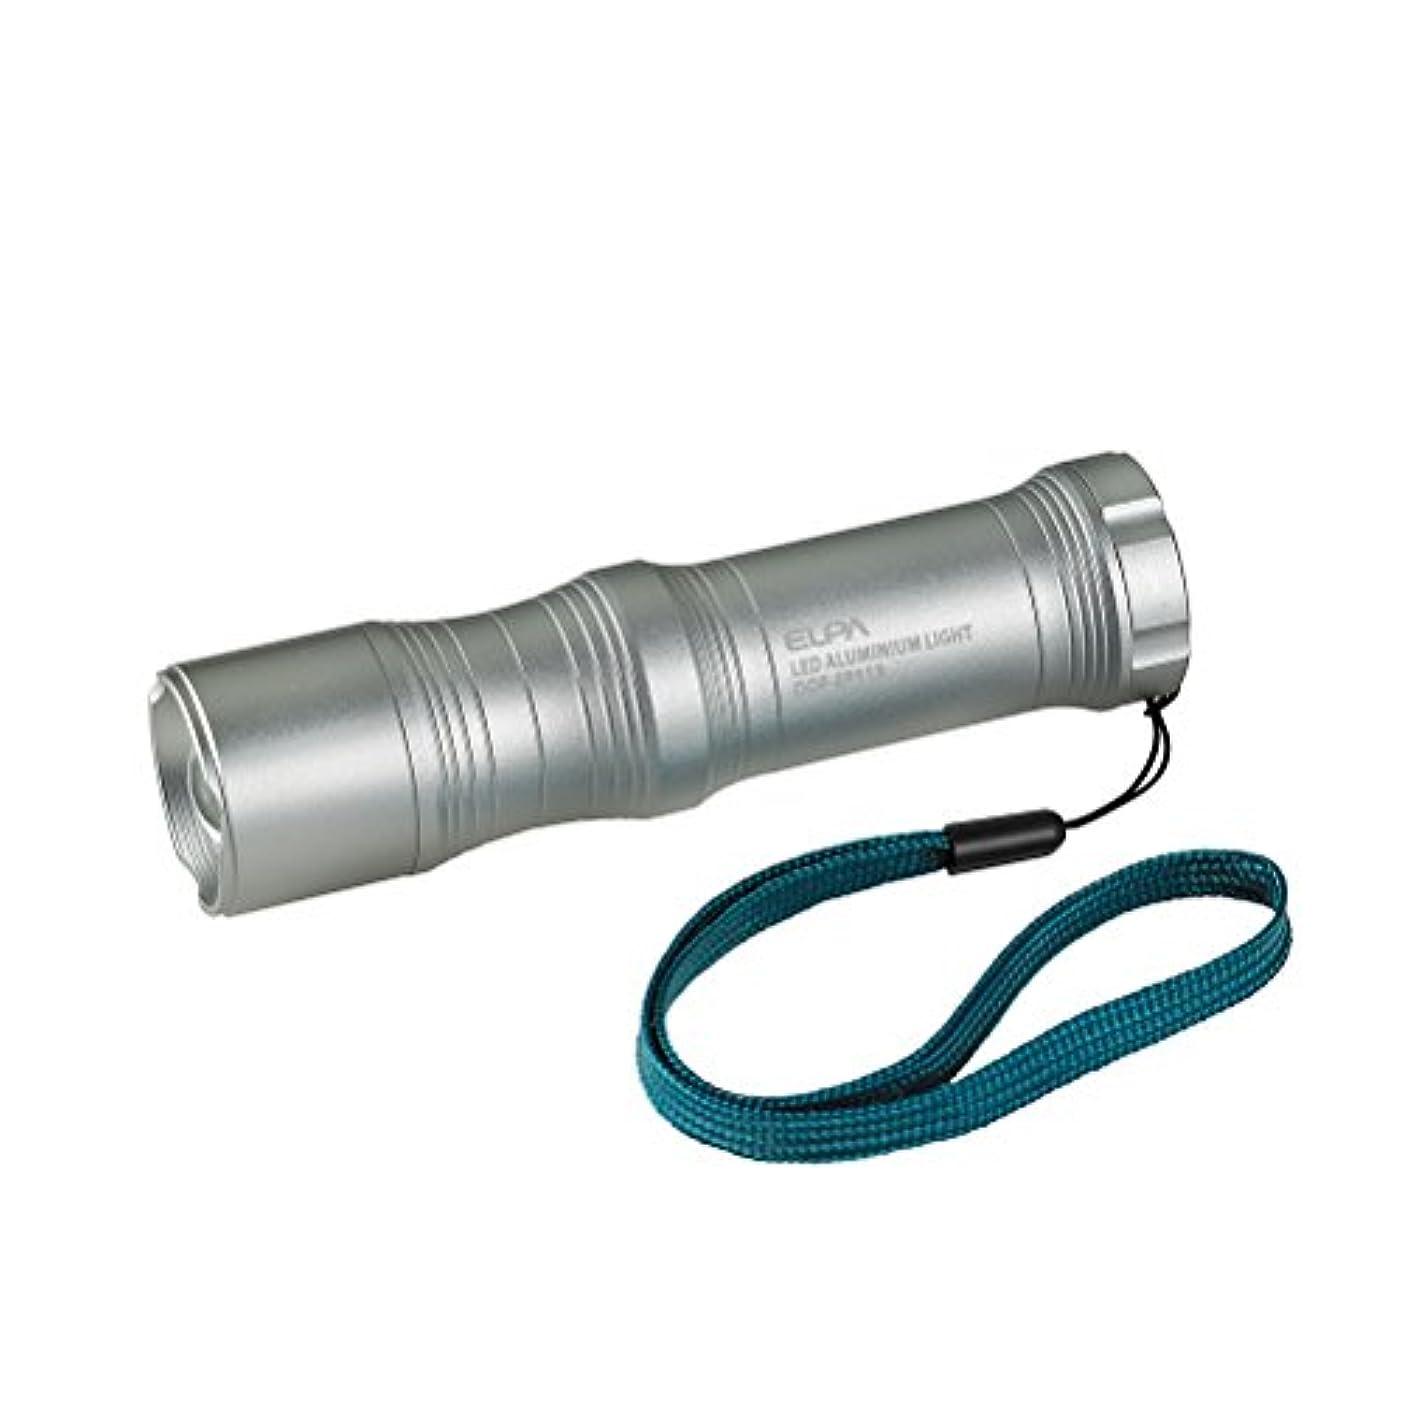 意欲郊外注目すべきasahidenki(朝日電器) ELPA(エルパ) エルゴフォルム LEDハンドライト 65ルーメン DOP-EP113 1804400 DOP-EP113 1804400